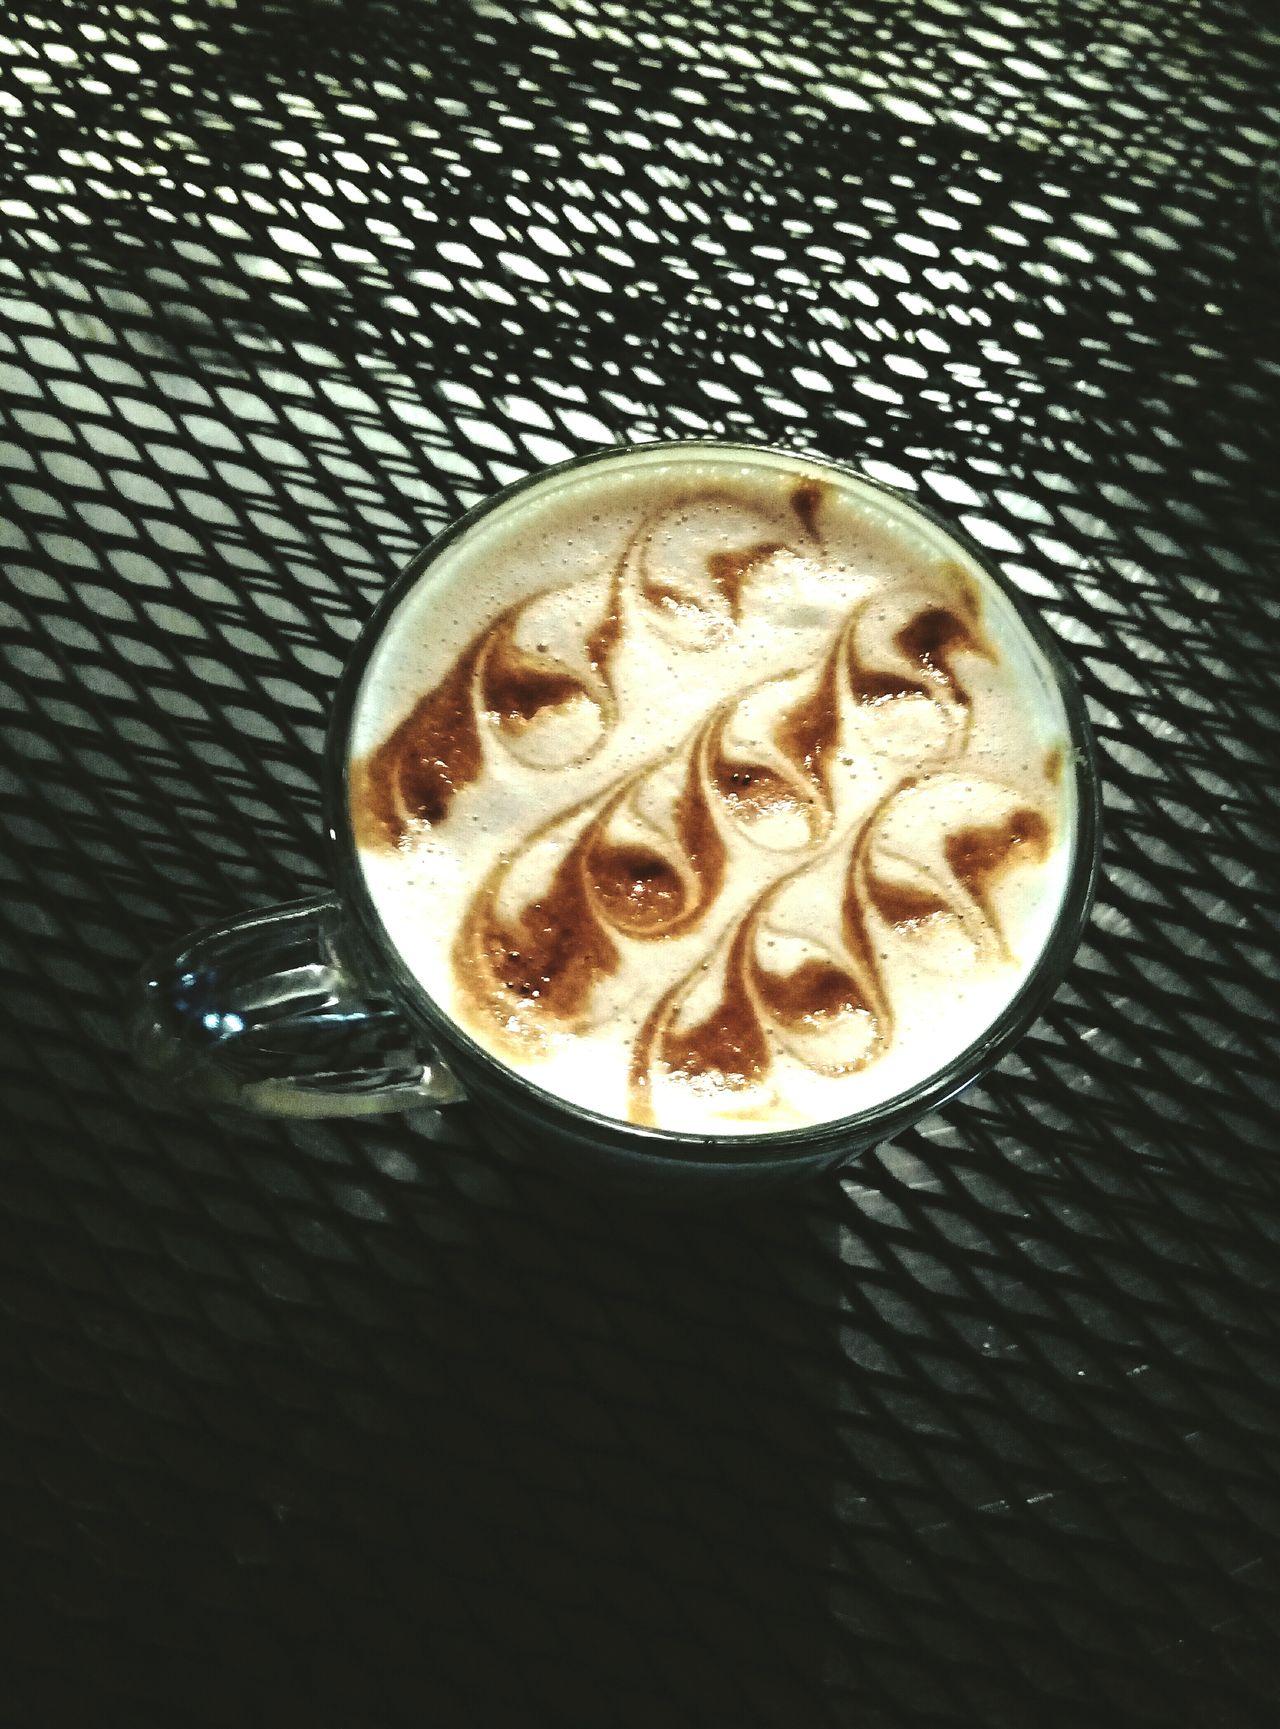 Раф— чисто московское изобретение. Его придумали в1996–1997 годах в Coffee Bean — первой кофейне вМоскве, открытой поамериканскому образцу. Когда один изпостоянных гостей, Рафаэль, попросил для него что-то придумать, трое бариста— Глеб Невейкин, Артём Берестов иГалина Самохина— приготовили кофе сосливками иванильным сахаром. Напиток стали называть «раф». После вМоскве открылась первая «Кофемания», икоманда бариста перешла туда. Раф продолжили готовить инановом месте. Рецептура неизменилась.